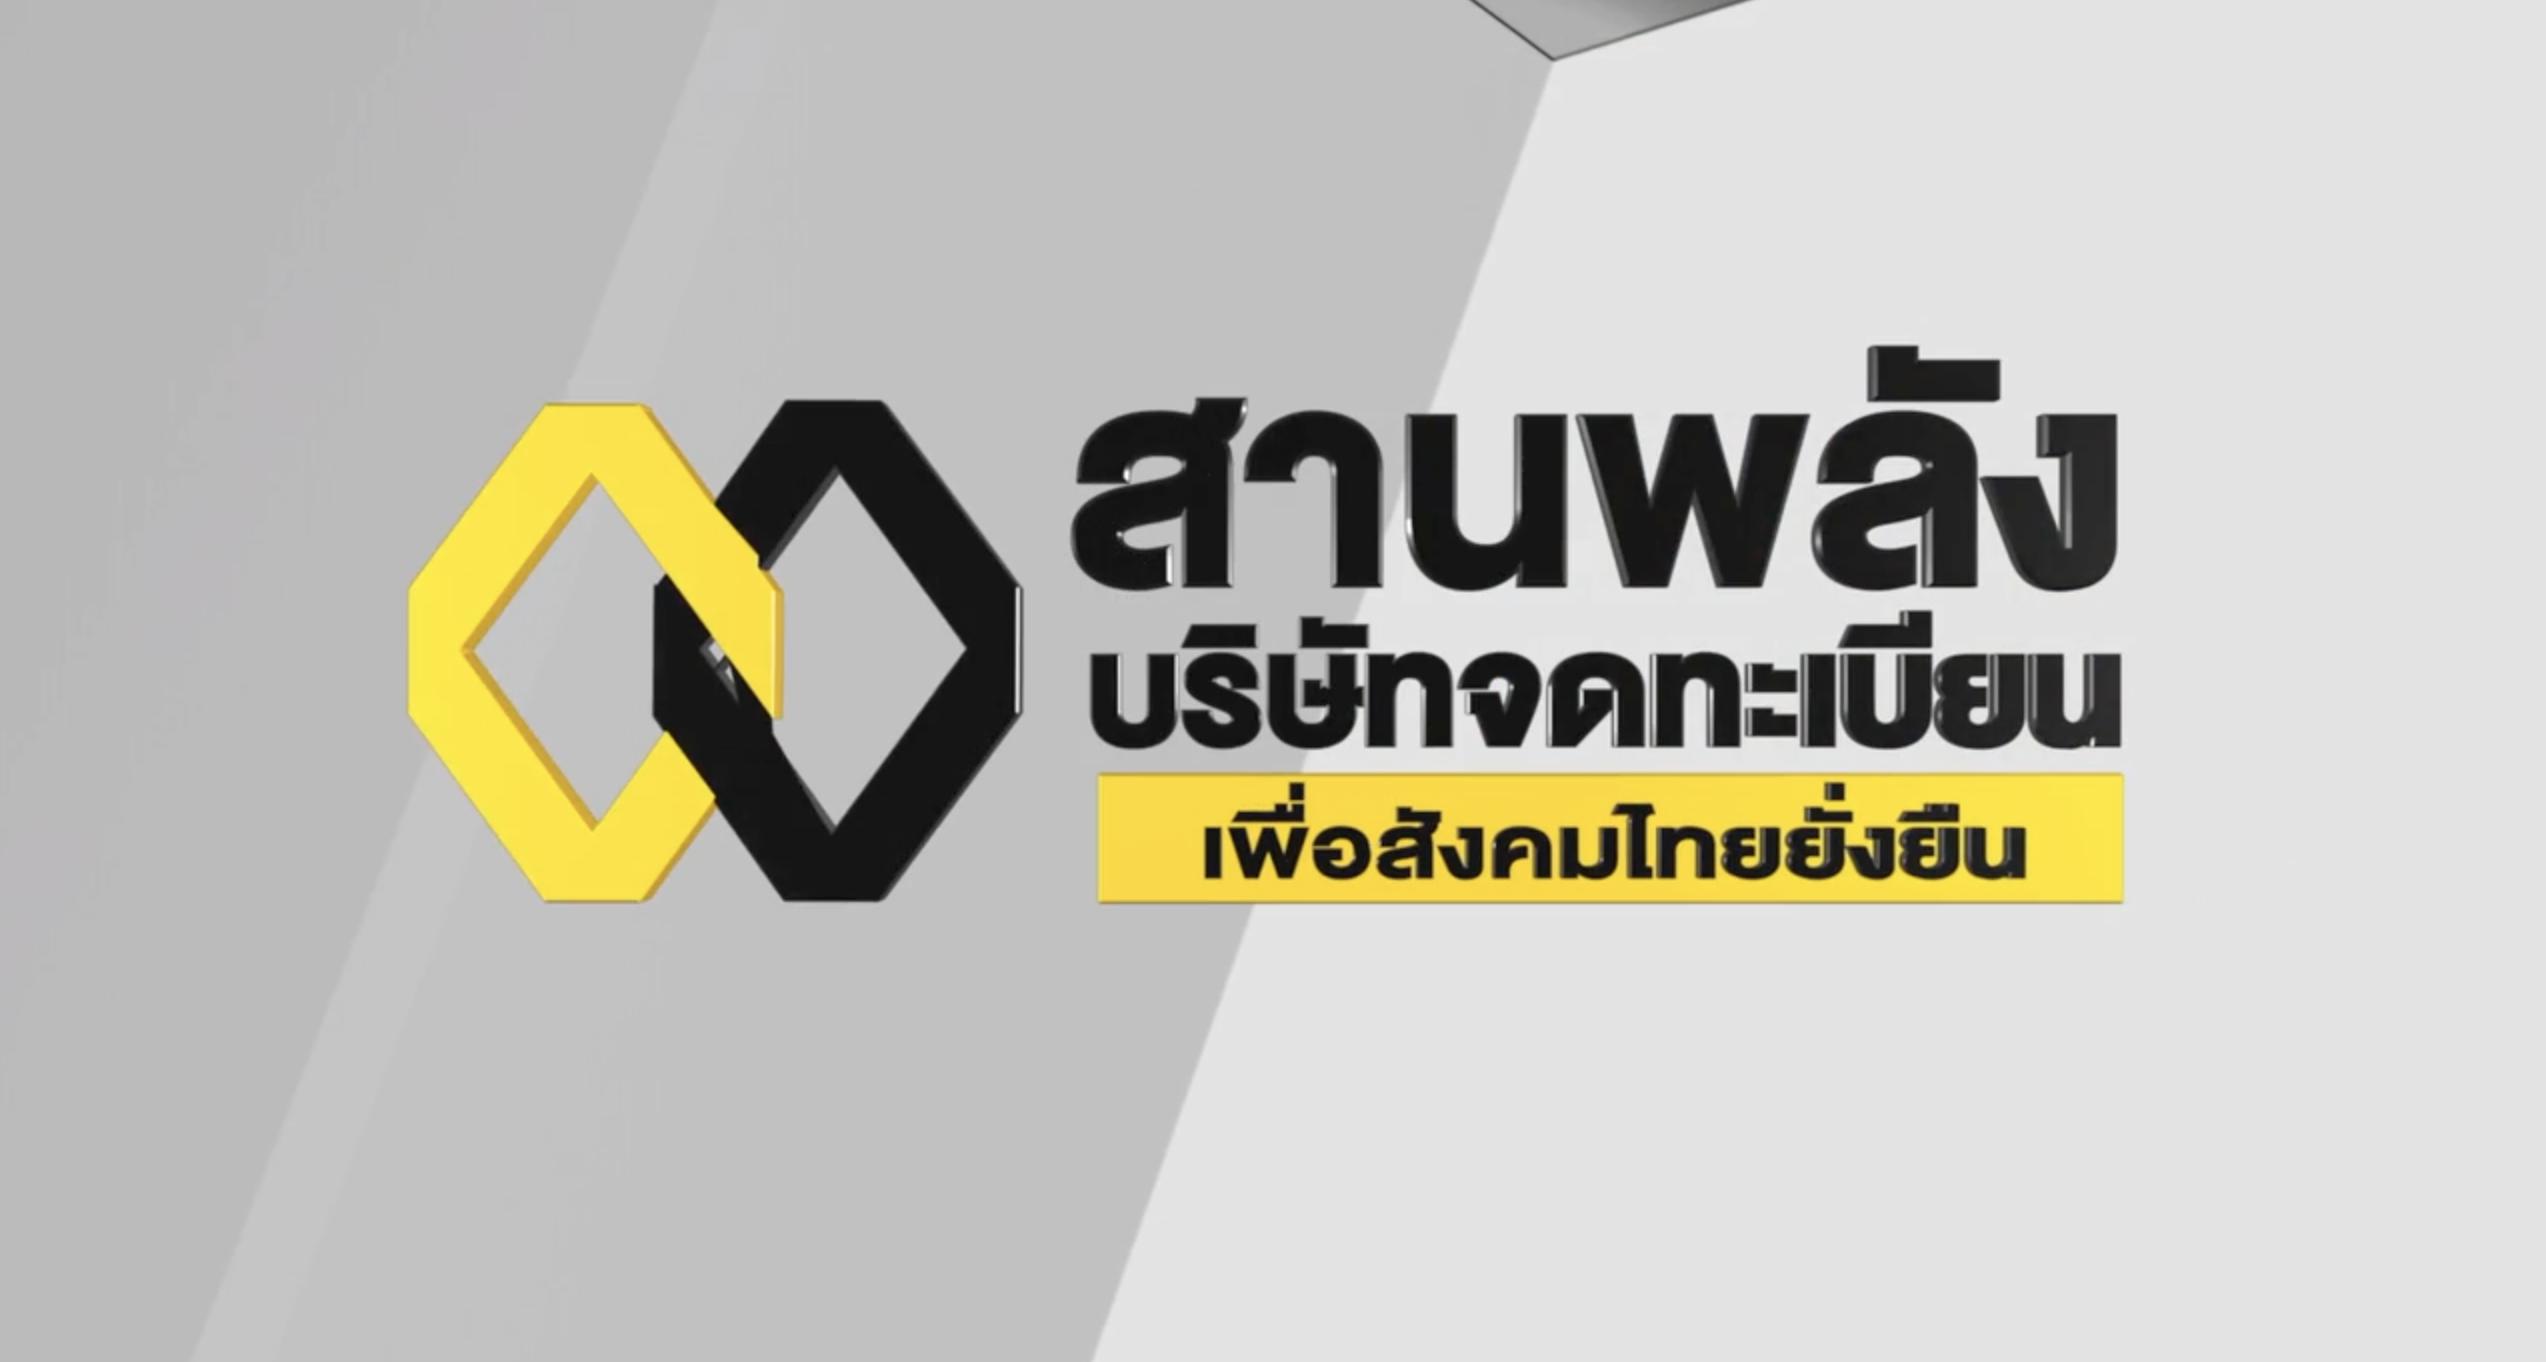 สานพลังบริษัทจดทะเบียนไทย เพื่อสังคมไทยยั่งยืน